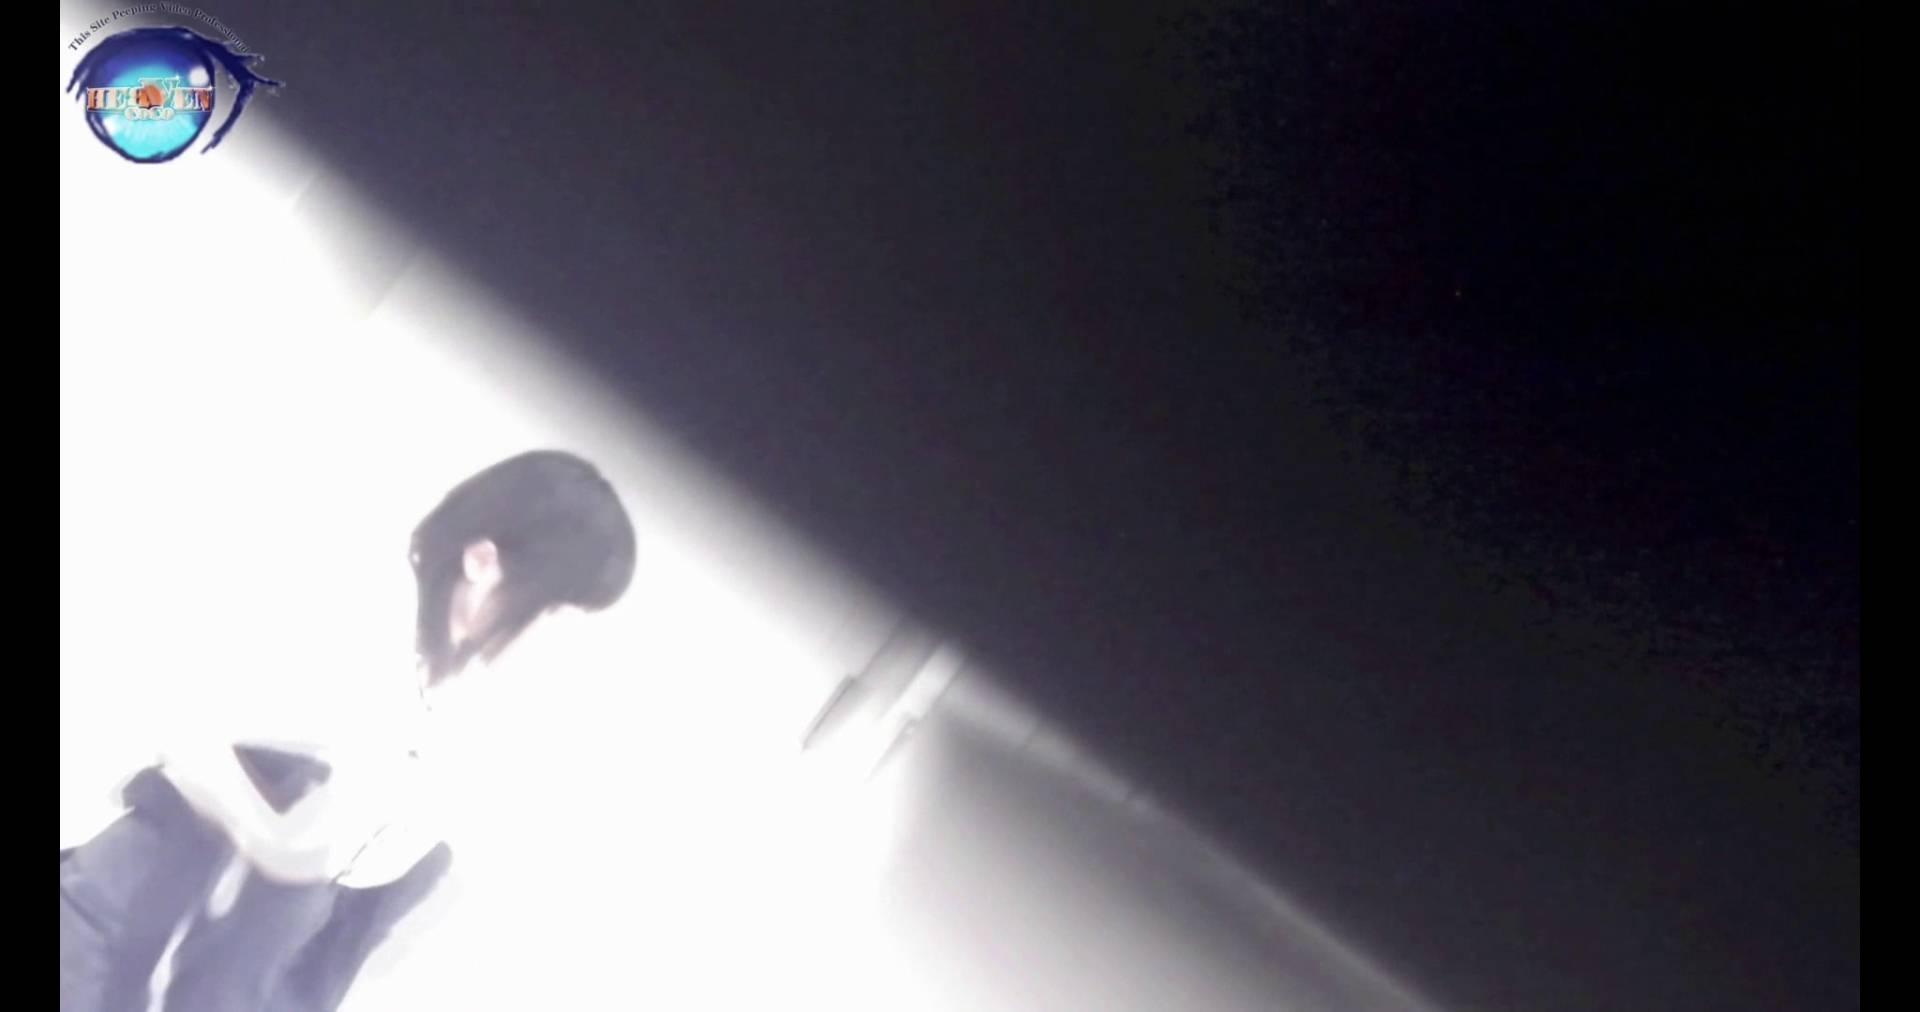 お銀さんの洗面所突入レポート!!vol.71 レベルアップ!!後編 洗面所 | OLセックス  110画像 69